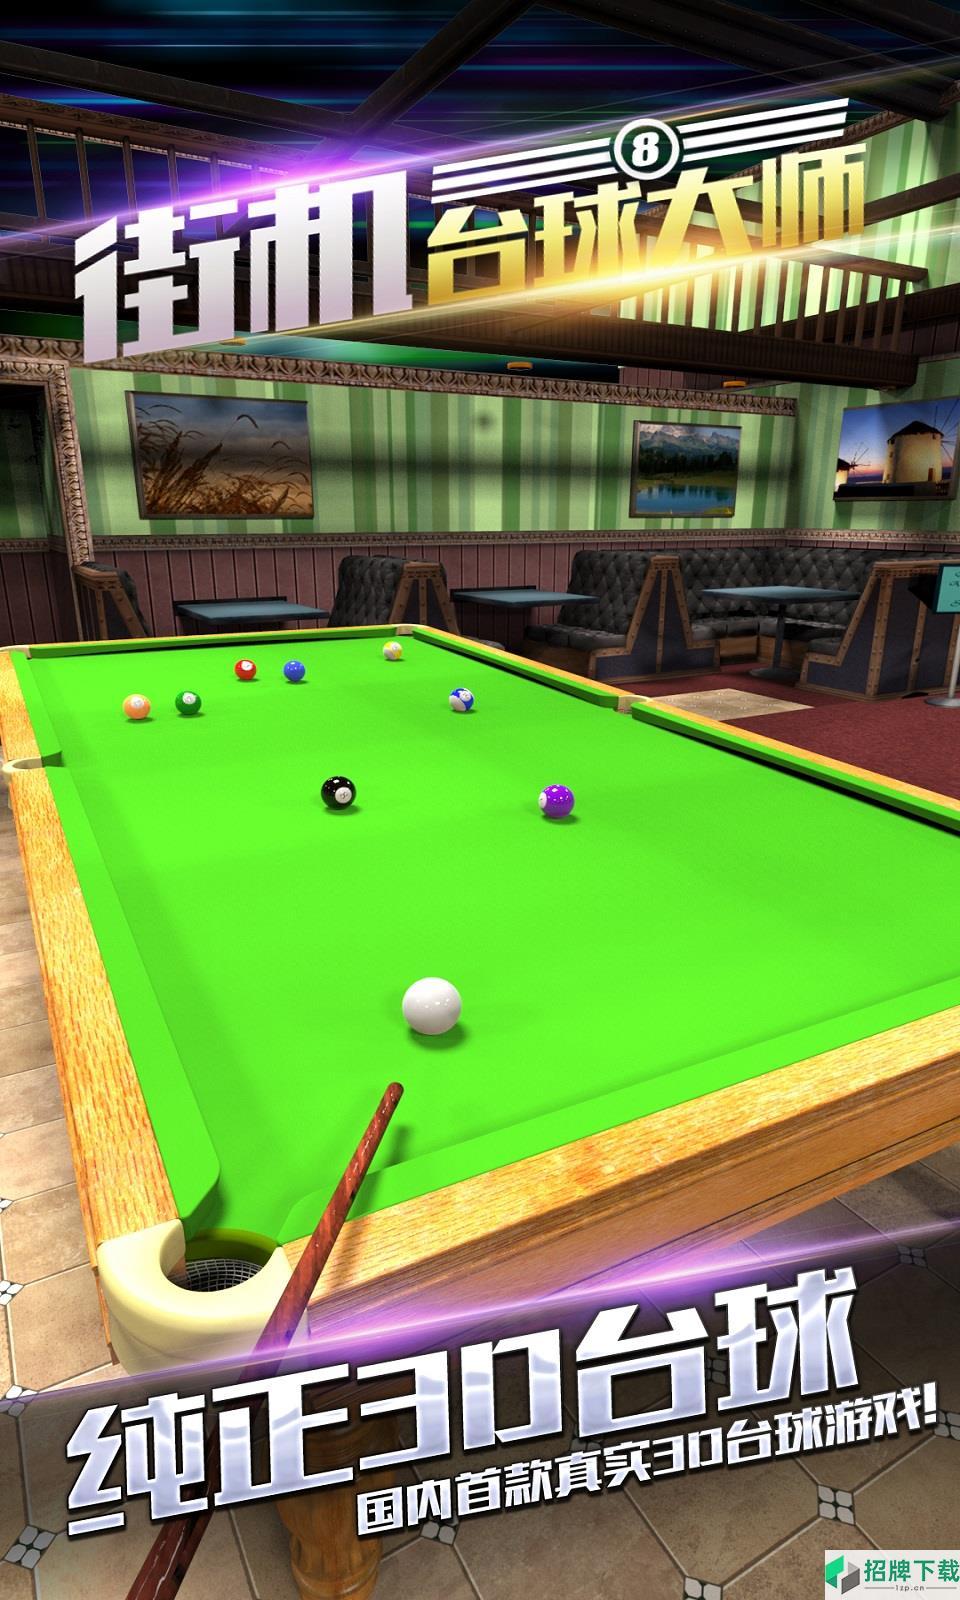 街机台球大师(3D斯诺克桌球)手游下载_街机台球大师(3D斯诺克桌球)手游最新版免费下载